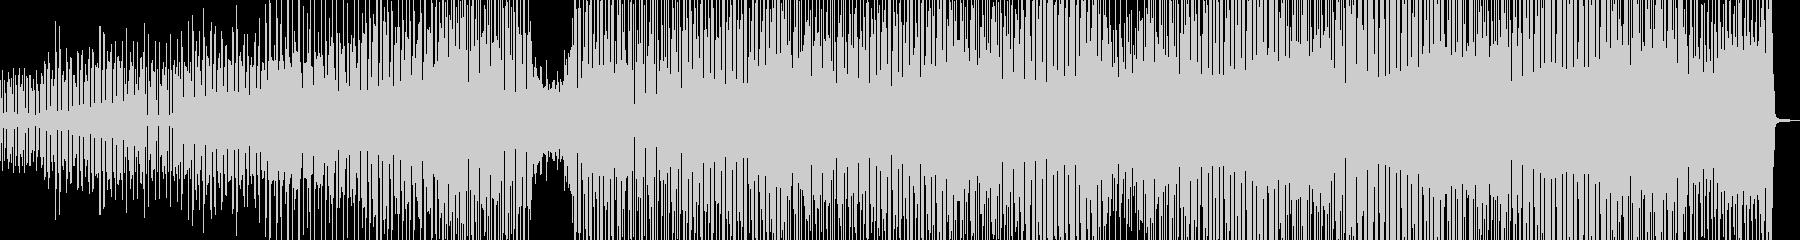 ストーリー性のある日常動画に ポップの未再生の波形